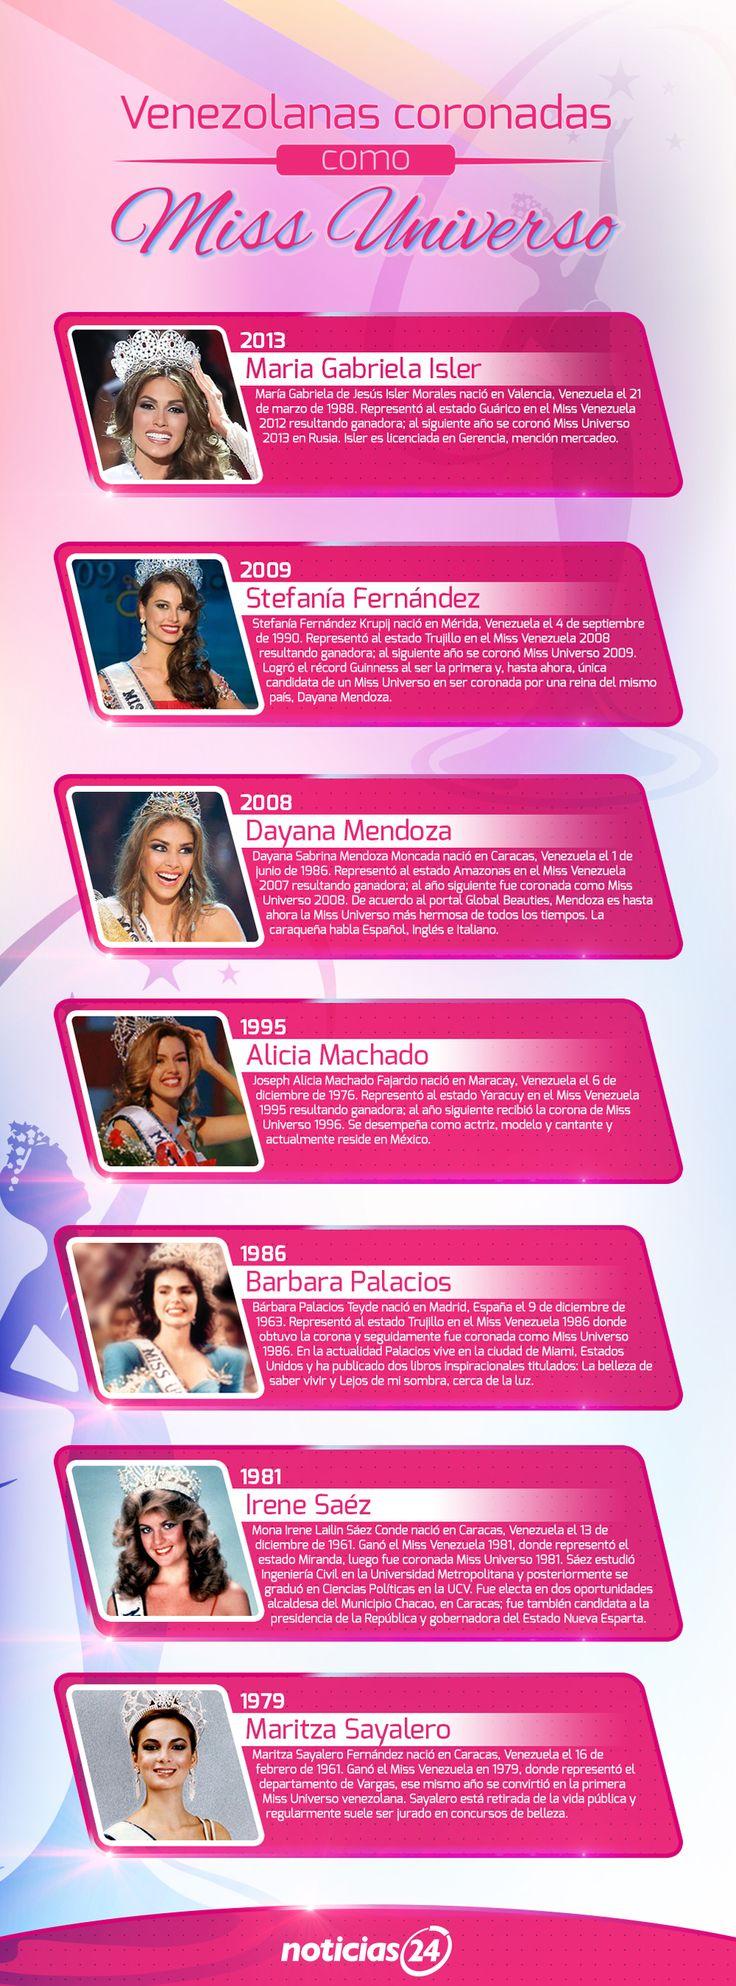 En infografía: tras siete victorias, Venezuela va por la octava corona del Miss Universo